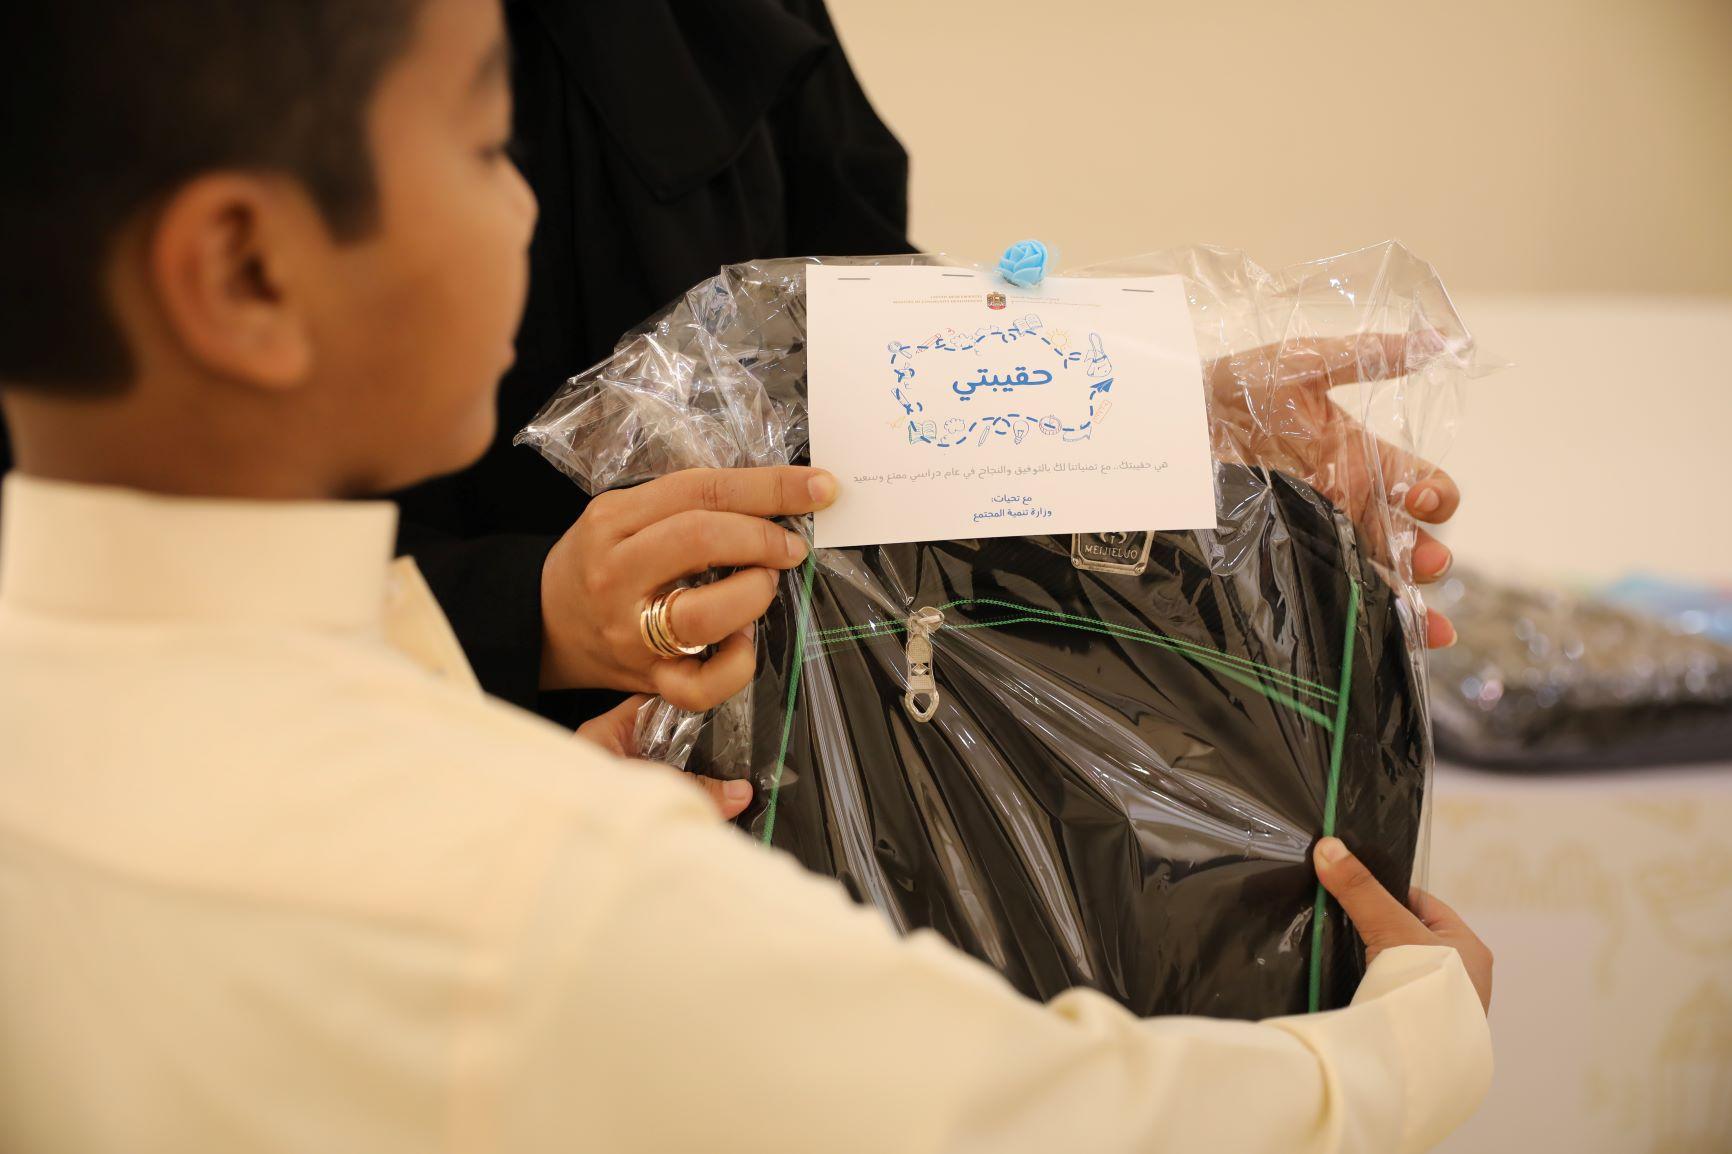 وكالة أنباء الإمارات - وزارة تنمية المجتمع : مبادرة ...